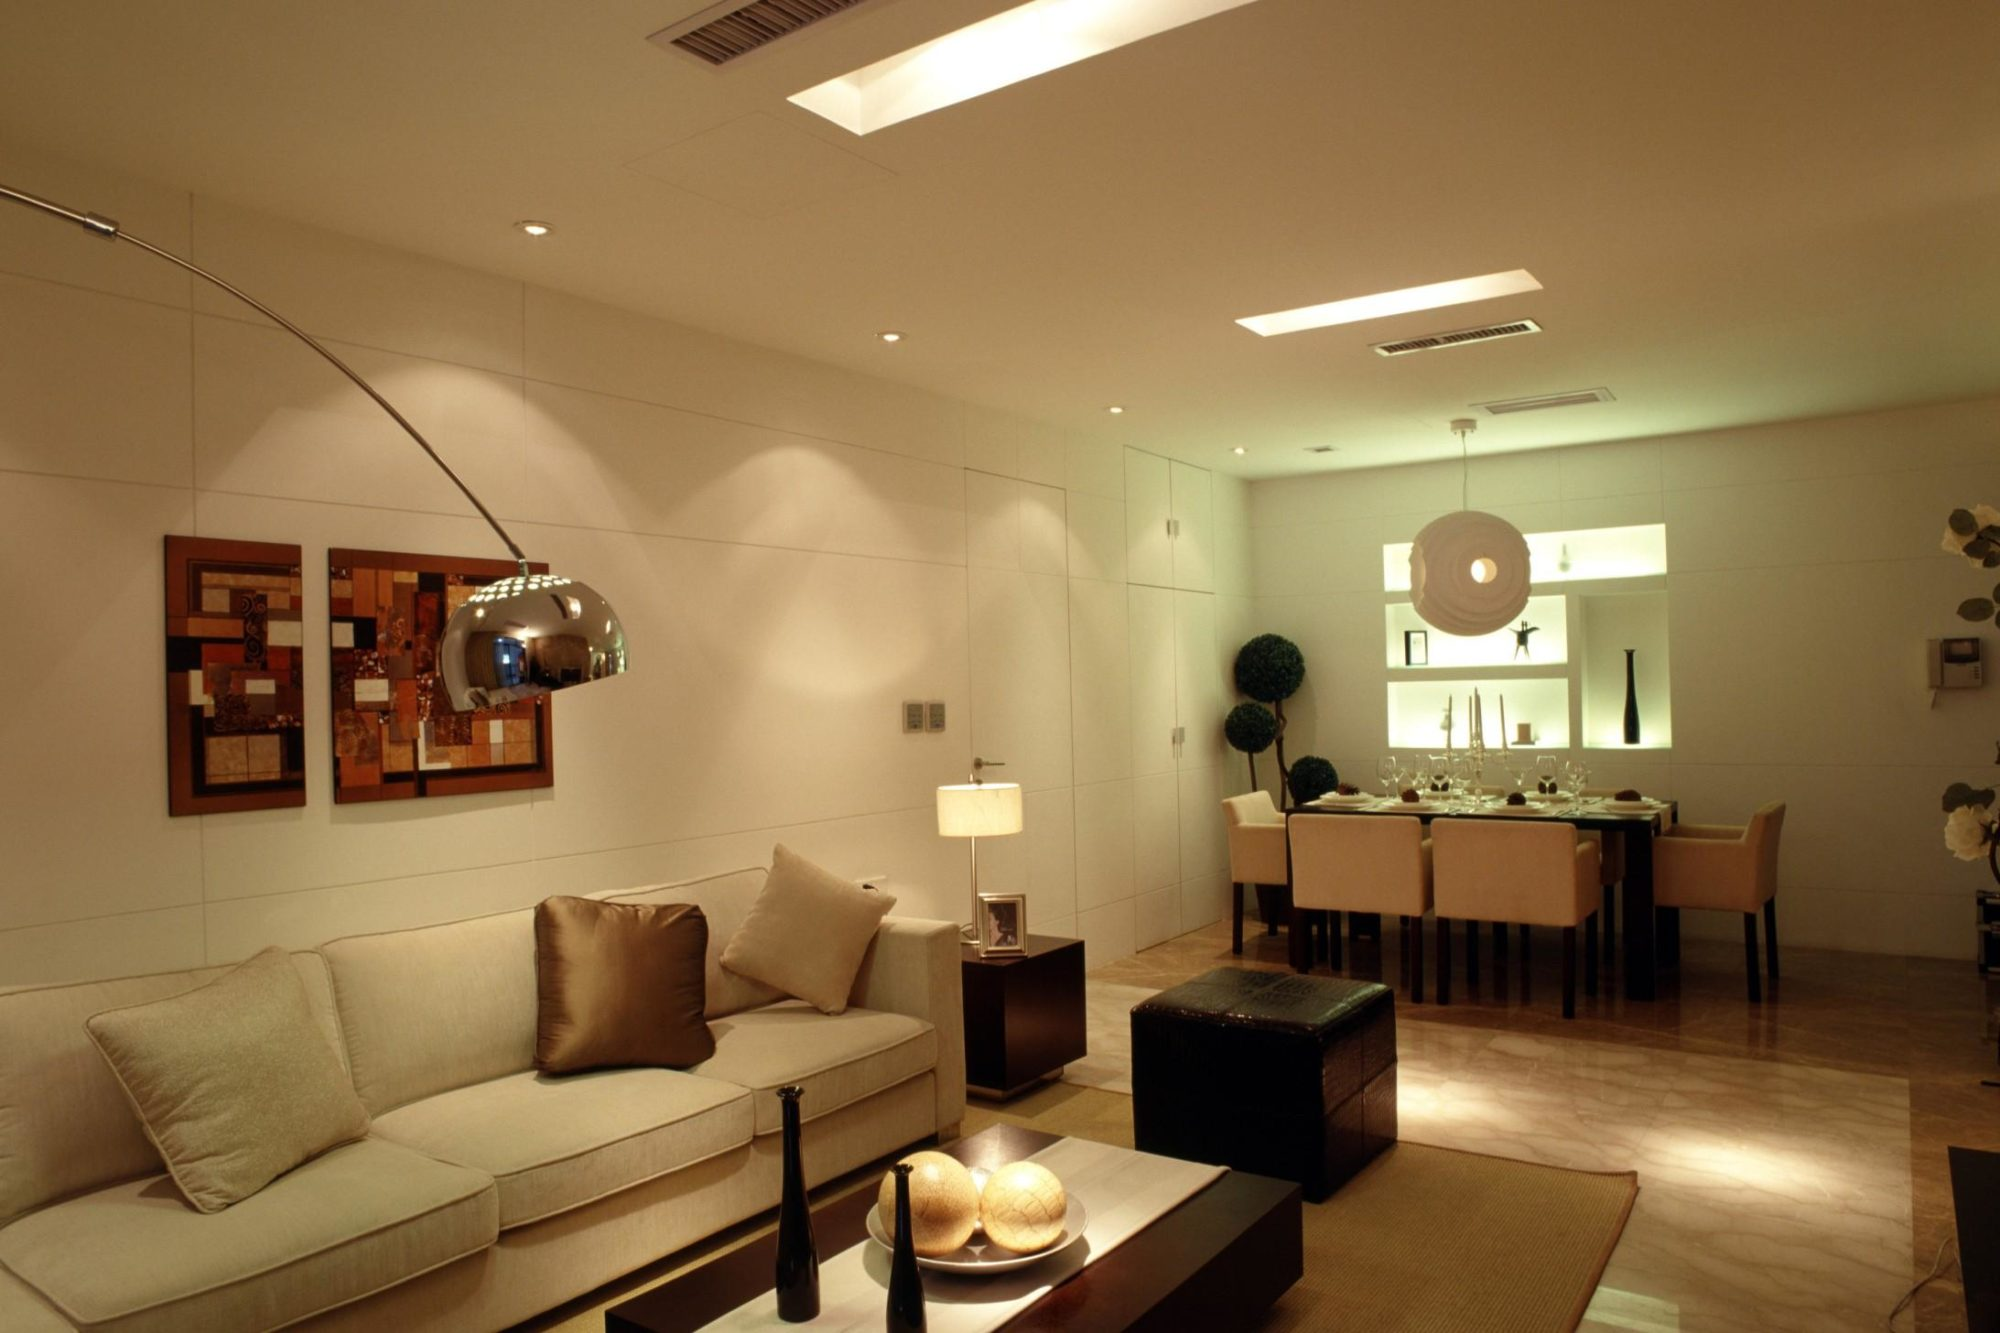 Картинки для освещения квартиры